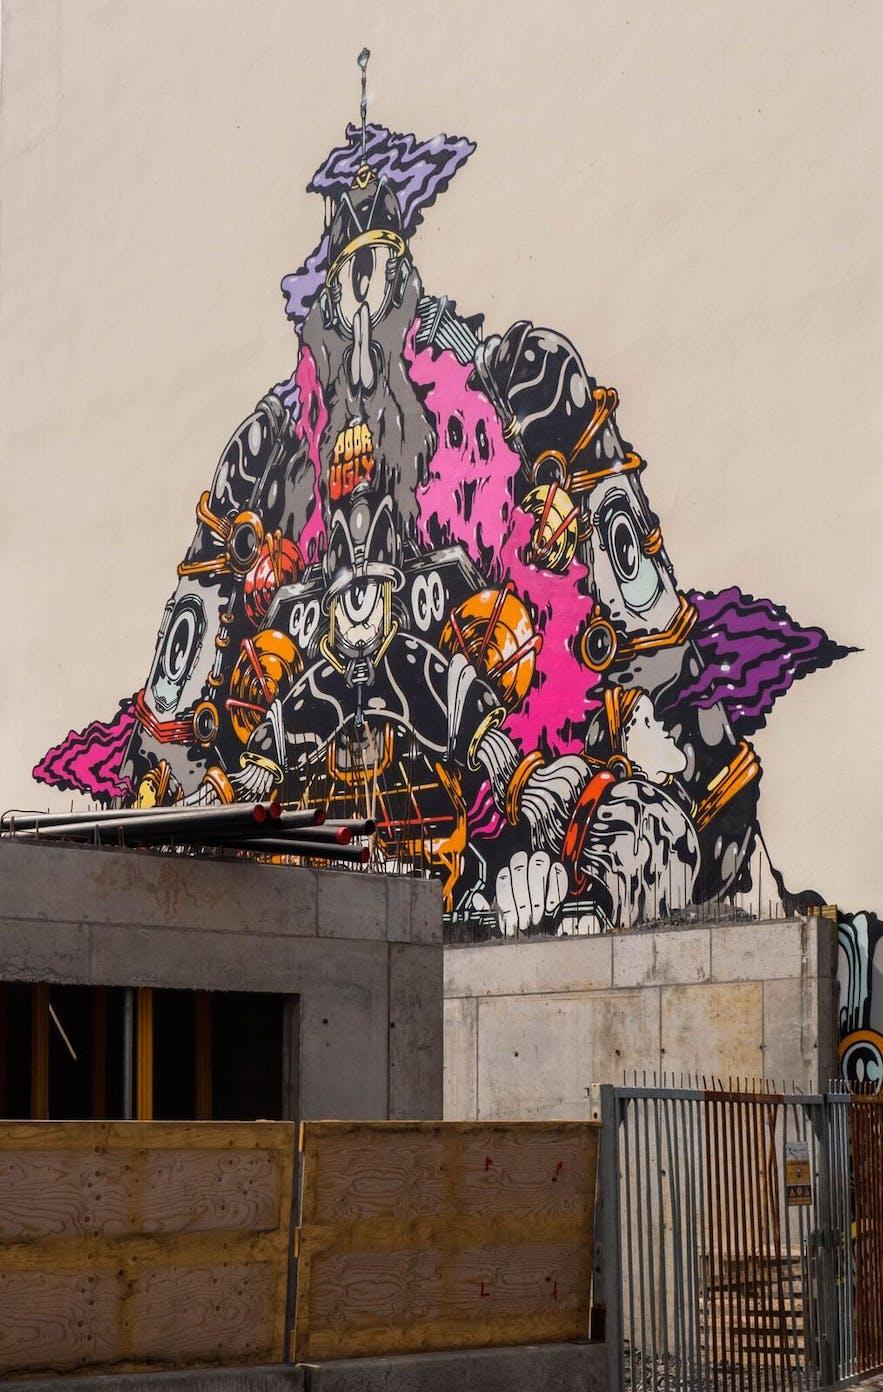 雷克雅未克街头还未完成就被磨去的涂鸦作品